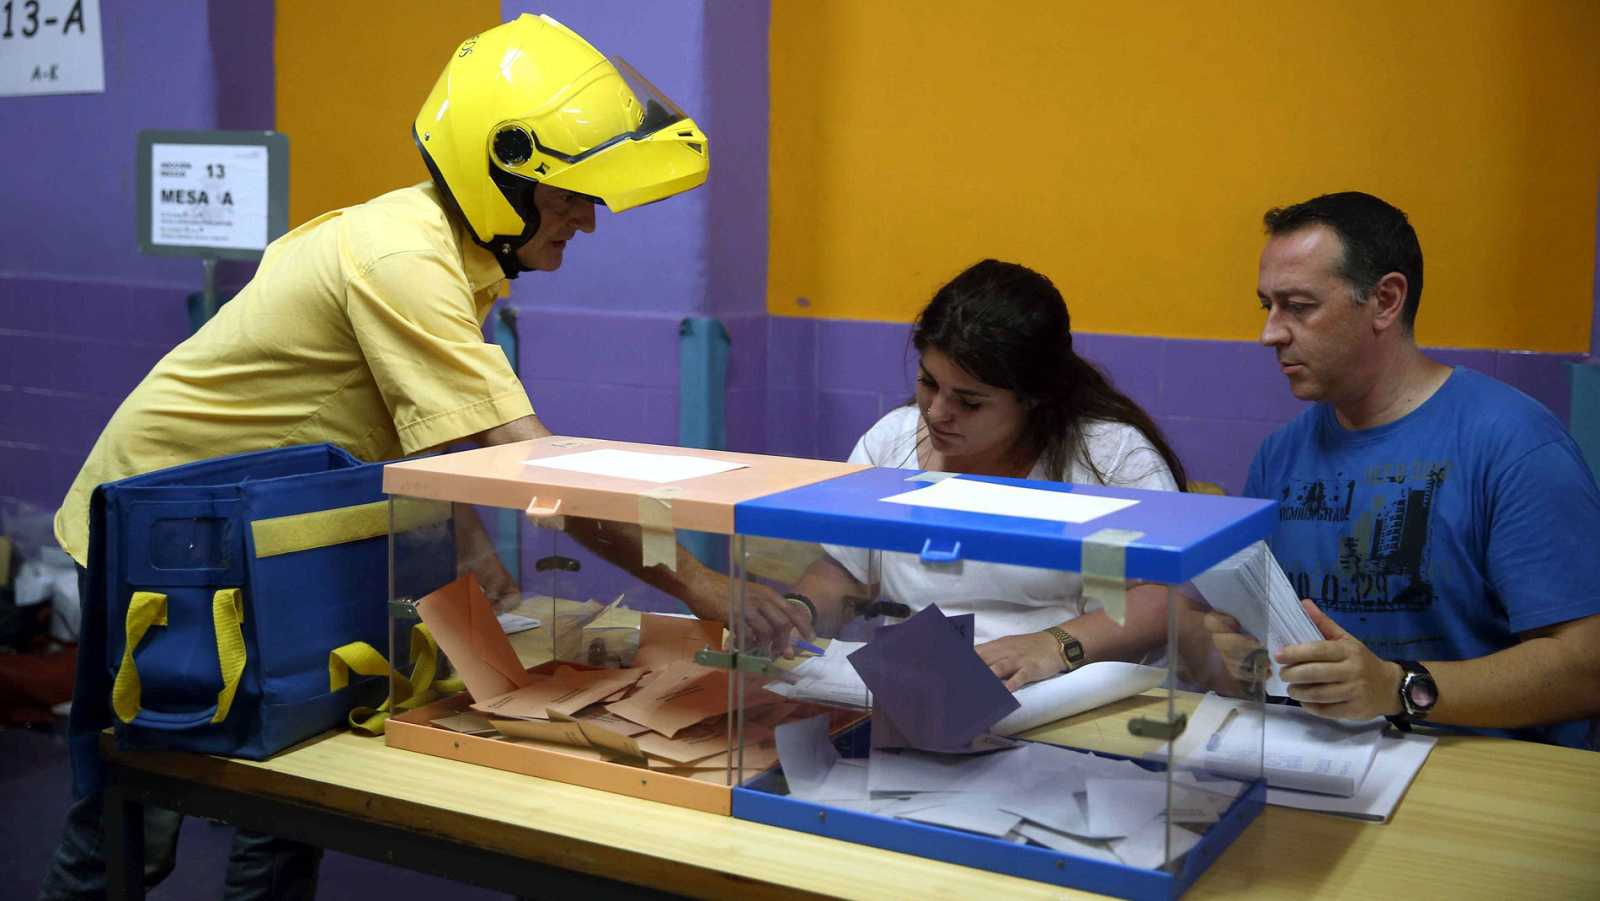 Un cartero entrega el voto por correo en una de las mesas electorales de un colegio de l'Hospitalet de Llobregat.